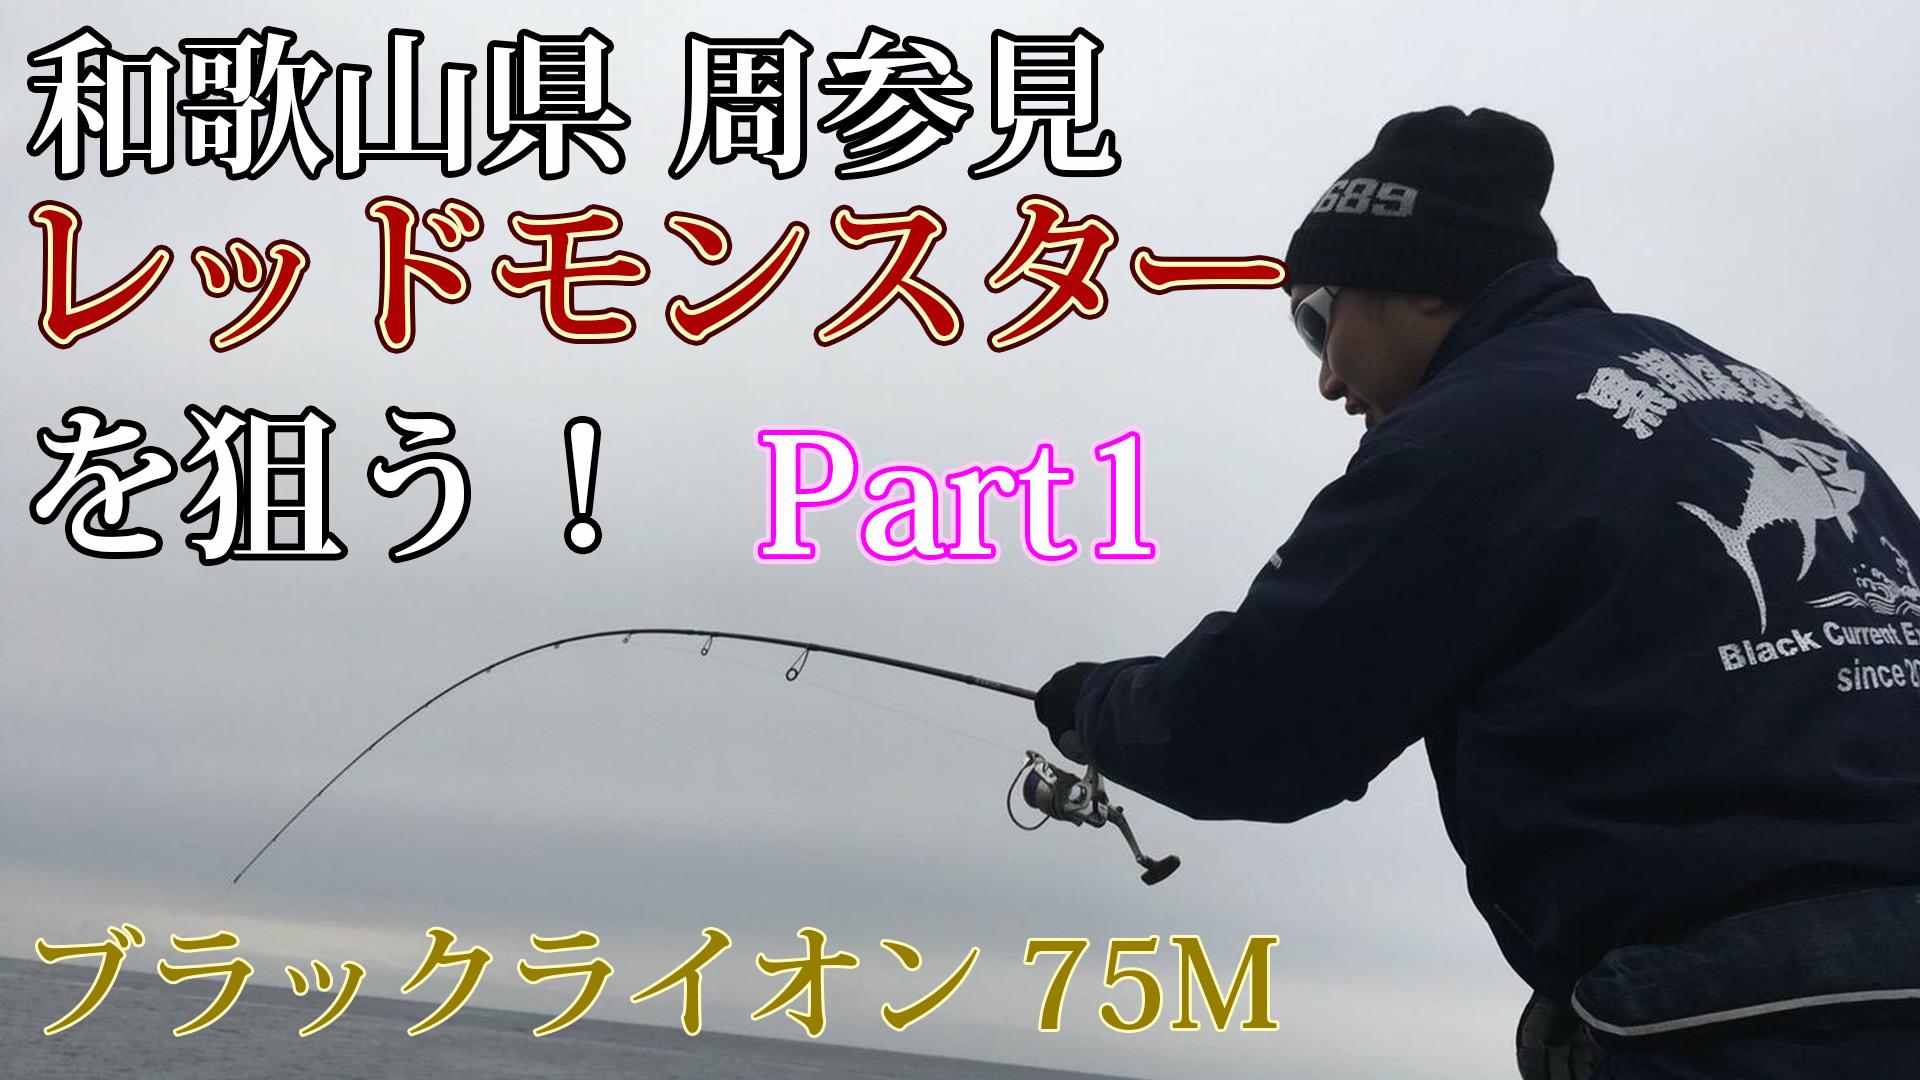 和歌山県 周参見 レッドモンスターを狙う!Part1サムネイル